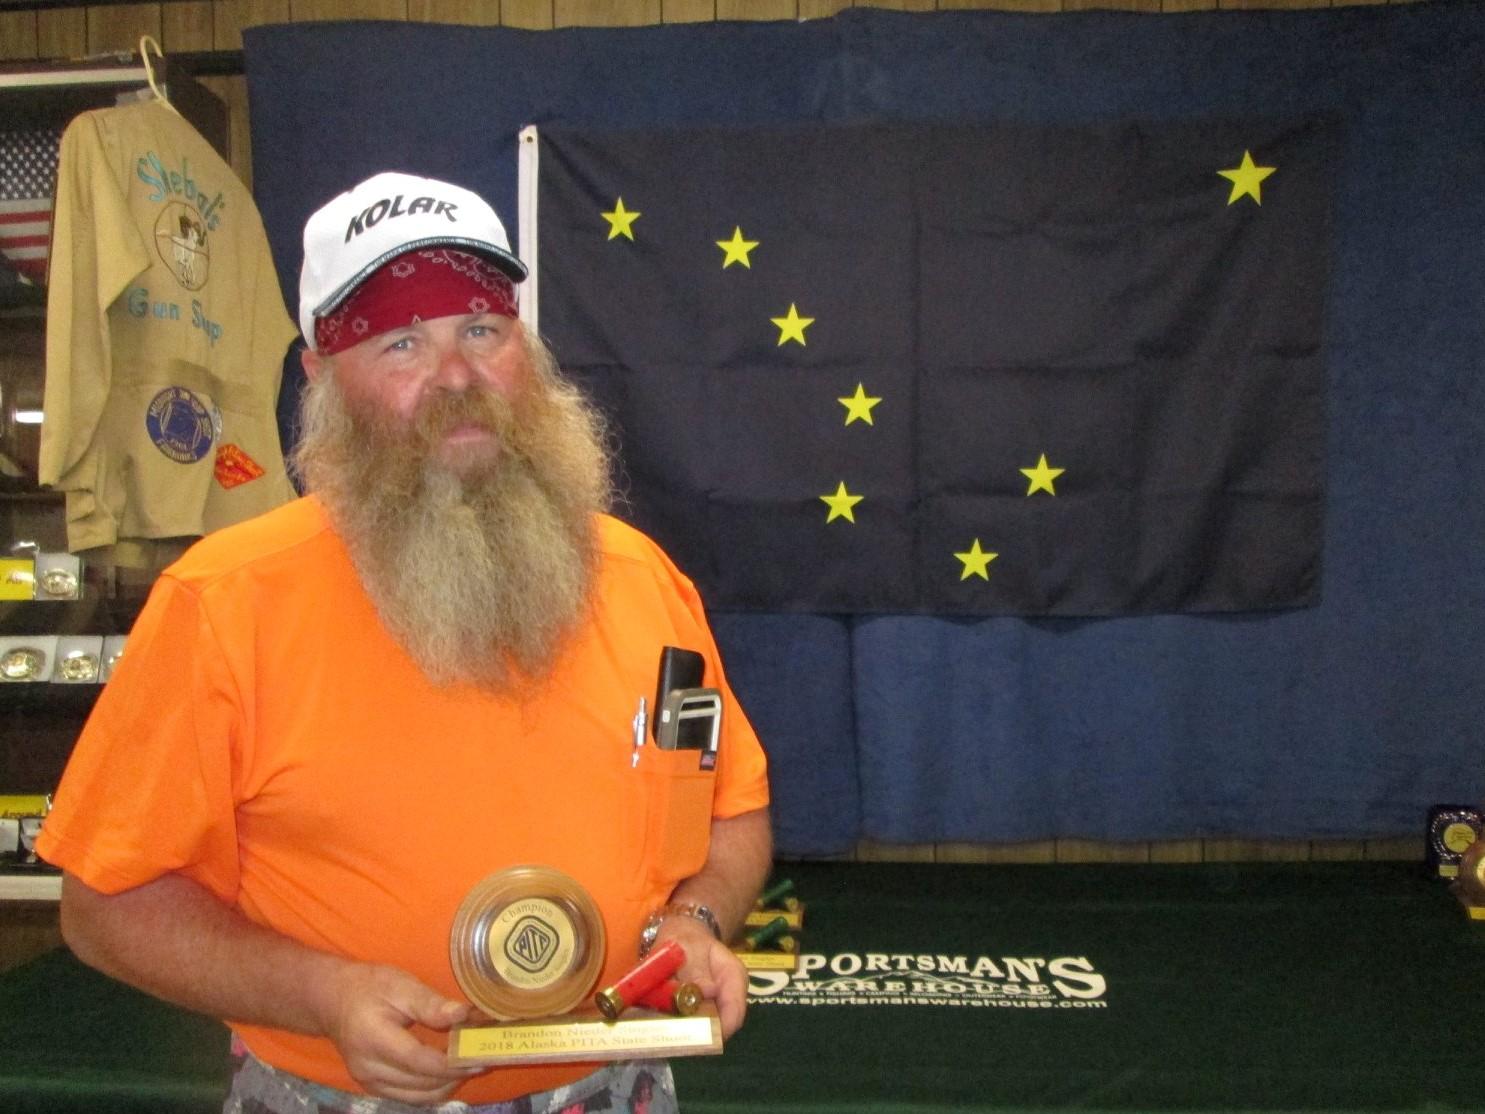 Bob Setren Singles Champion Day 2 of the AK State Shoot